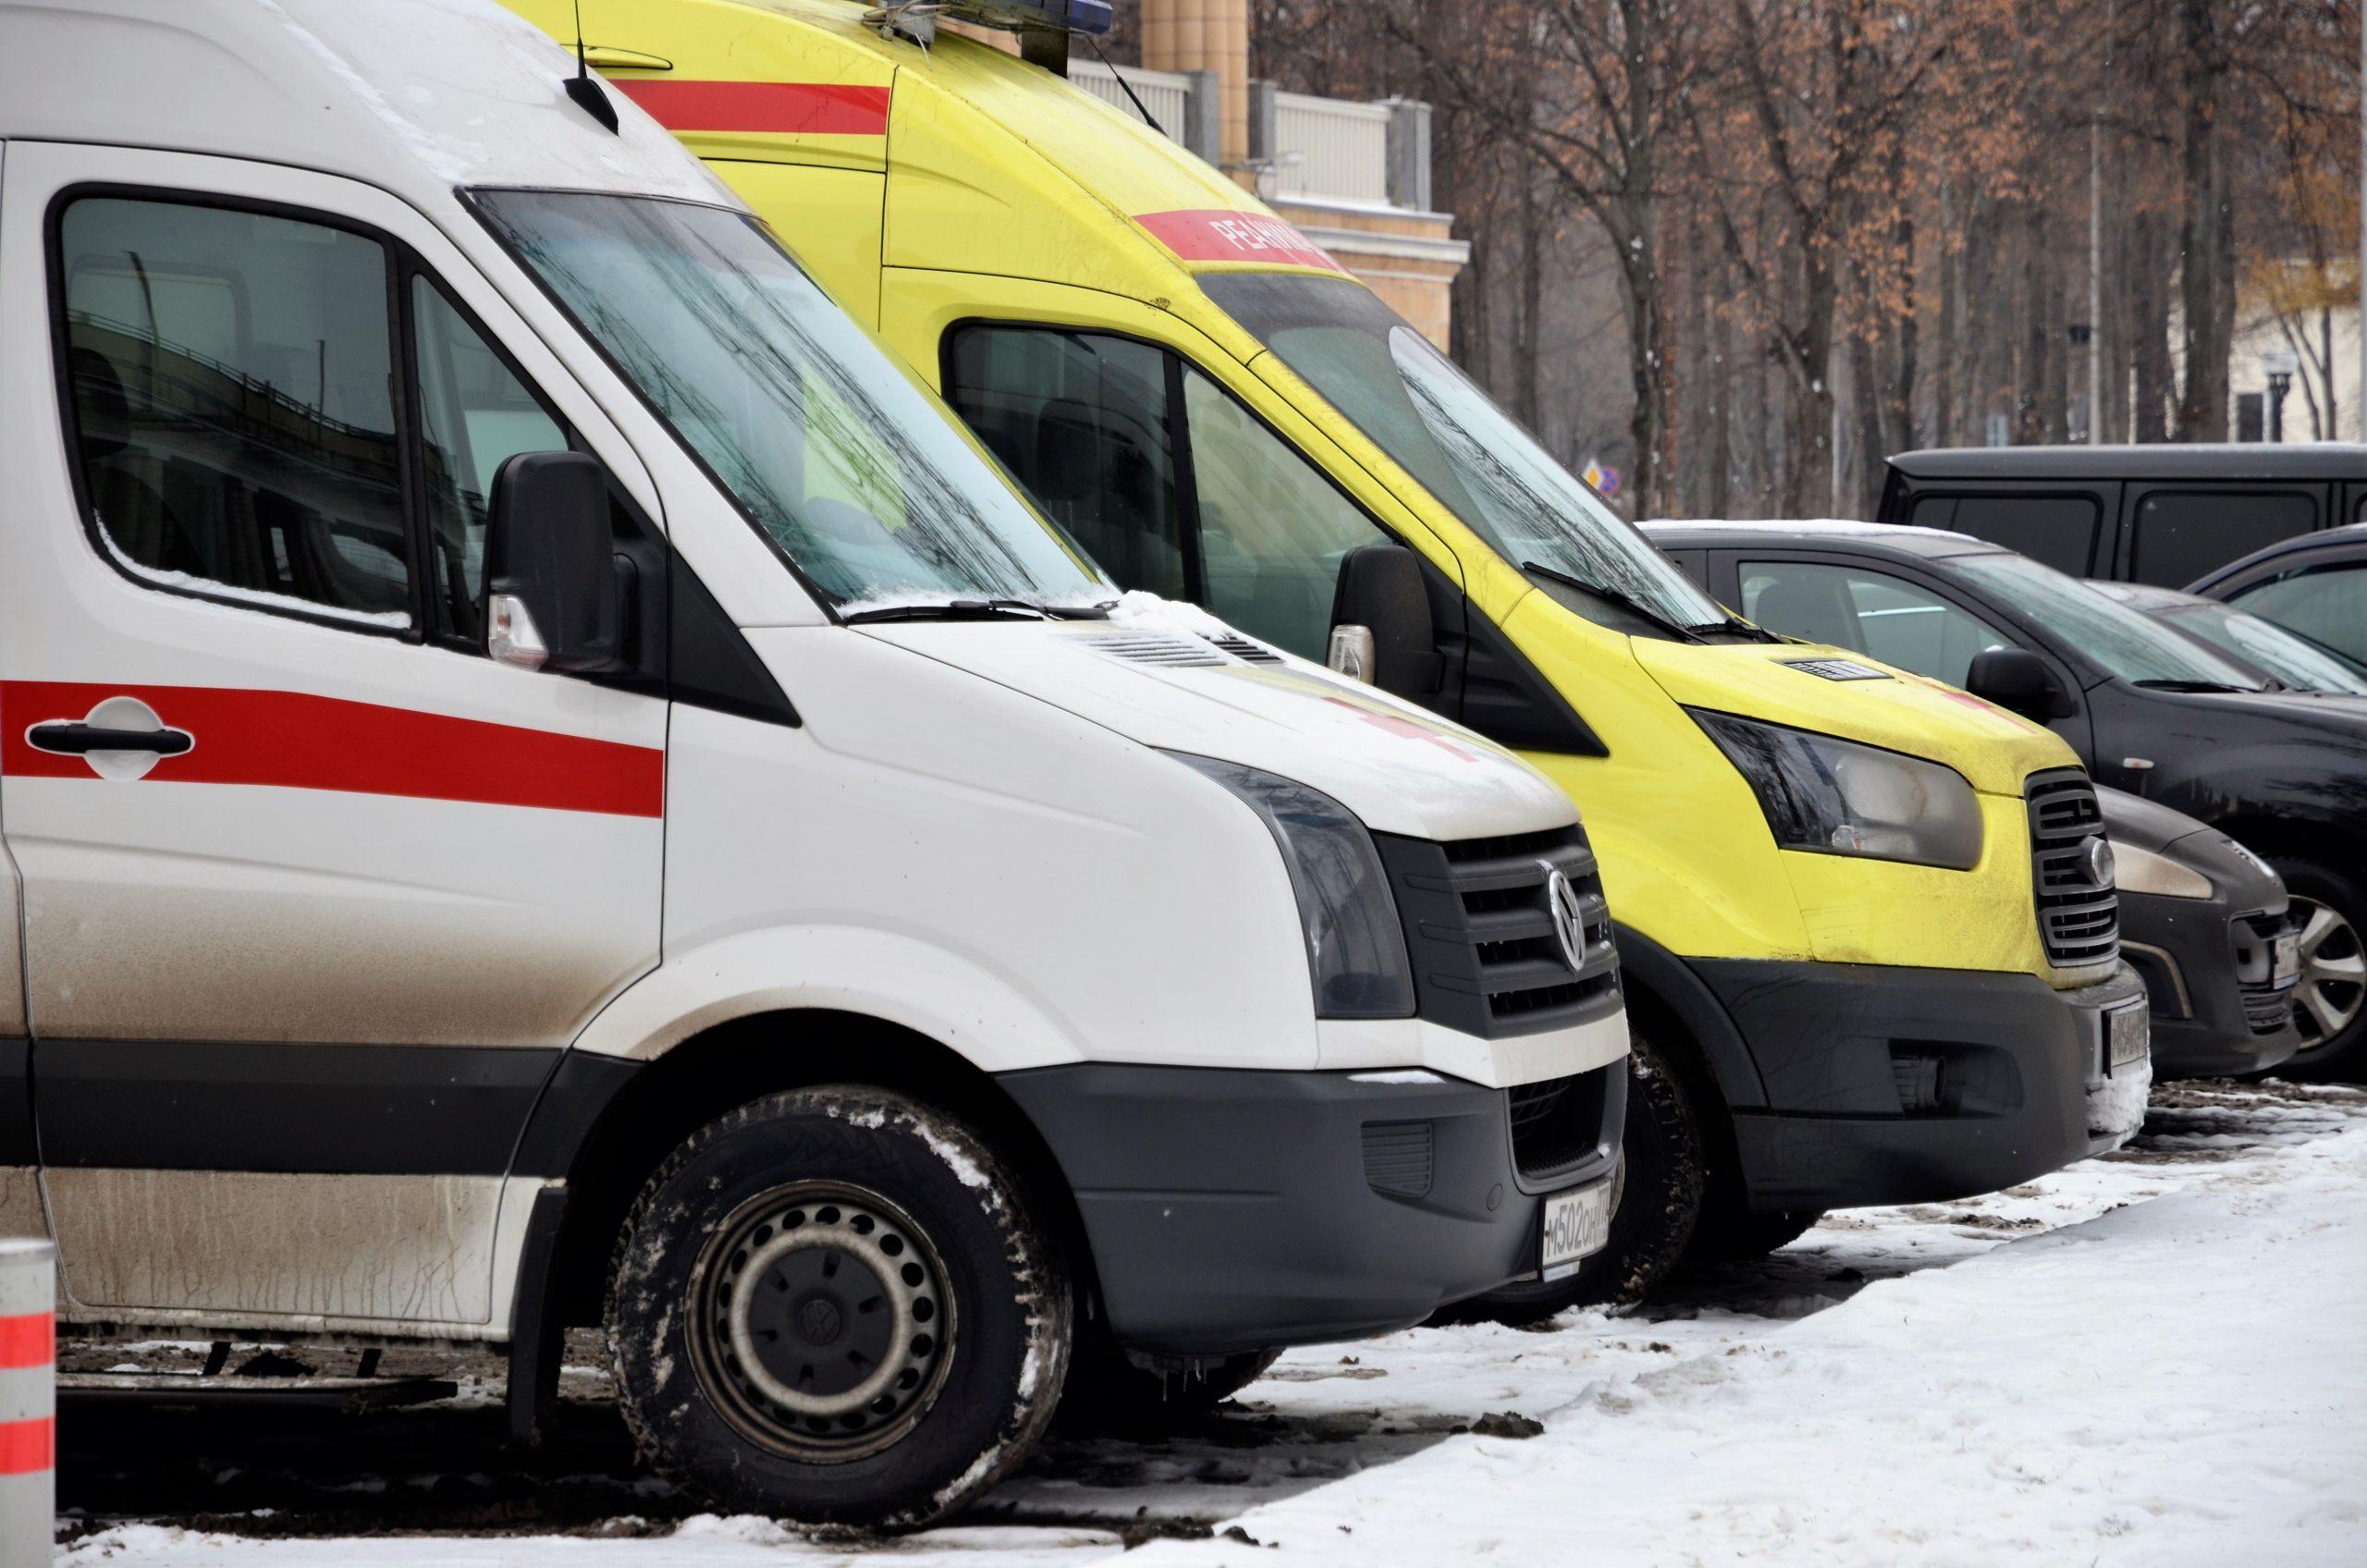 Подстанцию скорой помощи на 20 машиномест возведут в поселении Московский. Фото: Анна Быкова